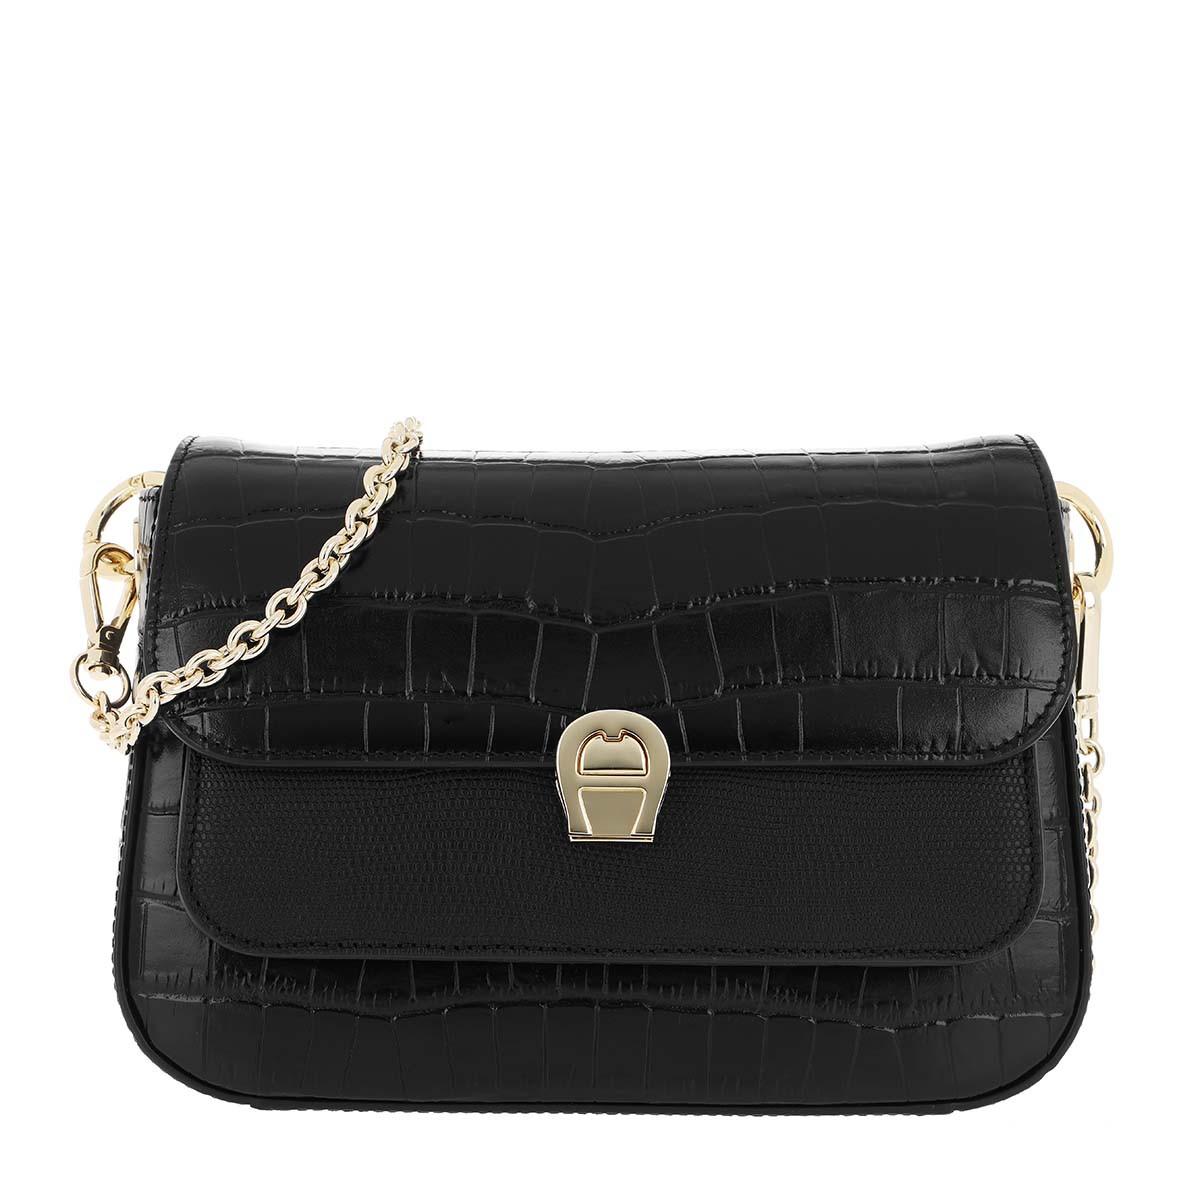 Aigner Umhängetasche - Crossbody Bag Genoveva Black - in schwarz - für Damen